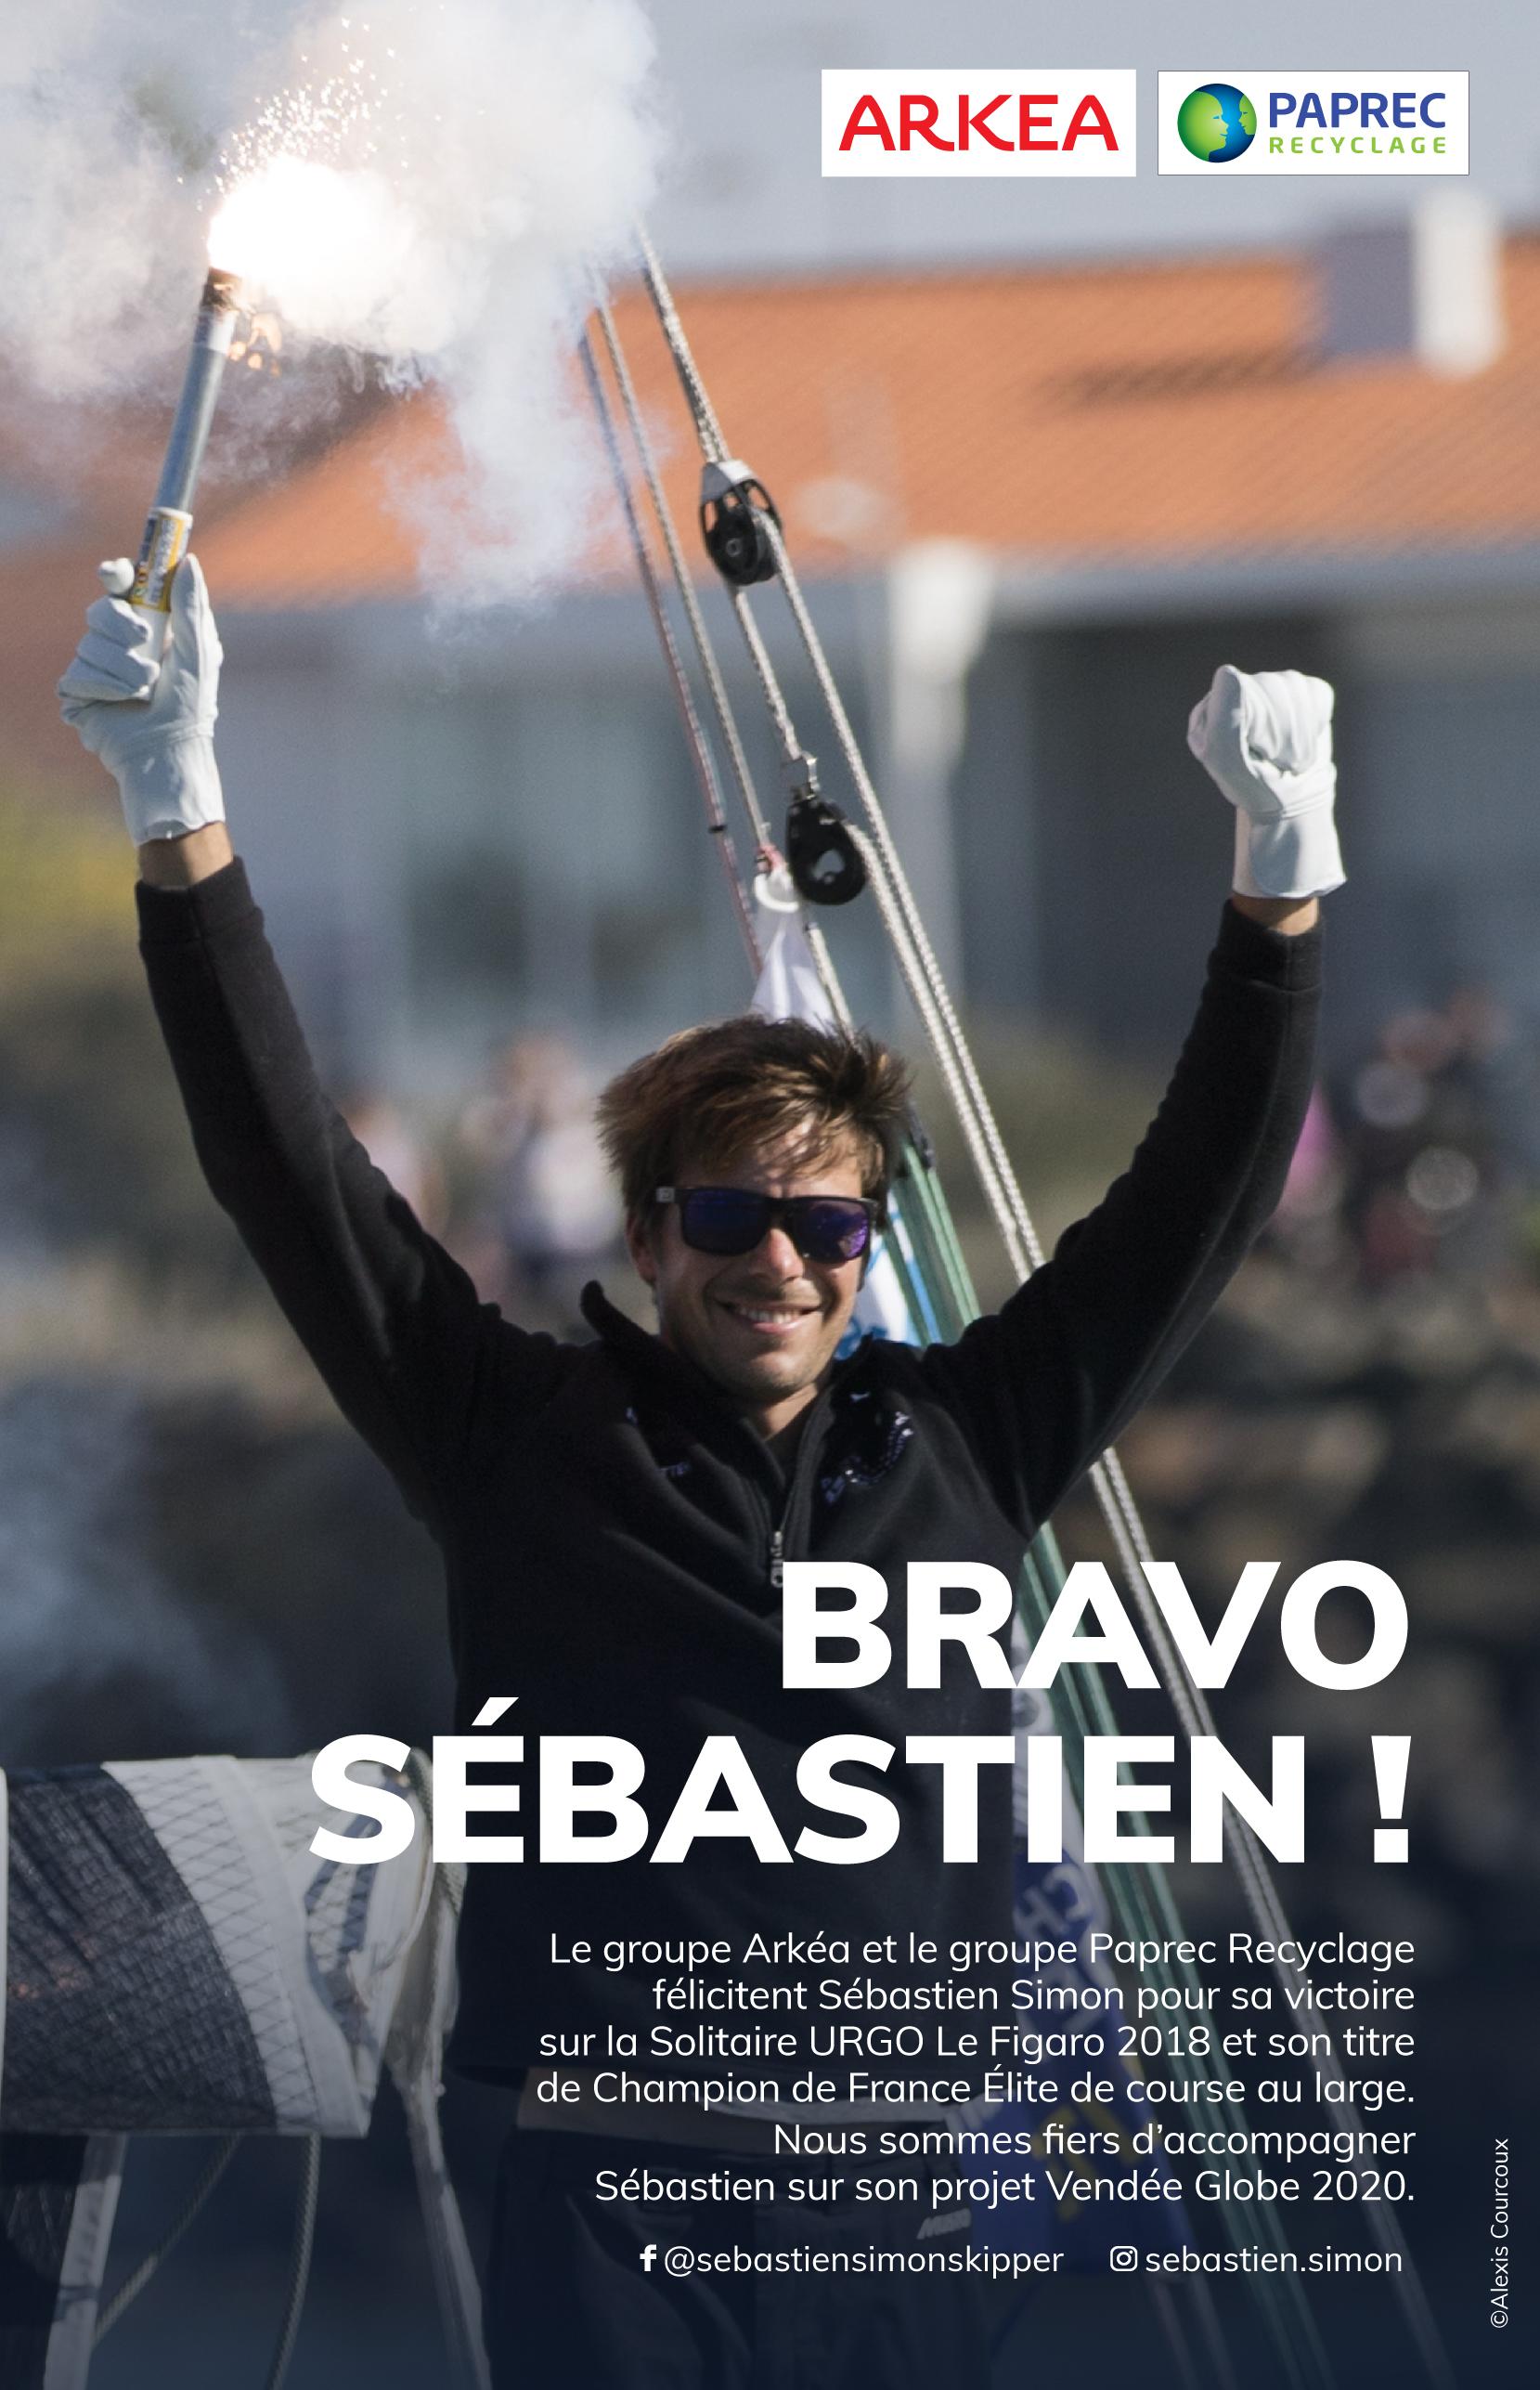 Sébastien Simon vainqueur de la 49e édition de La Solitaire